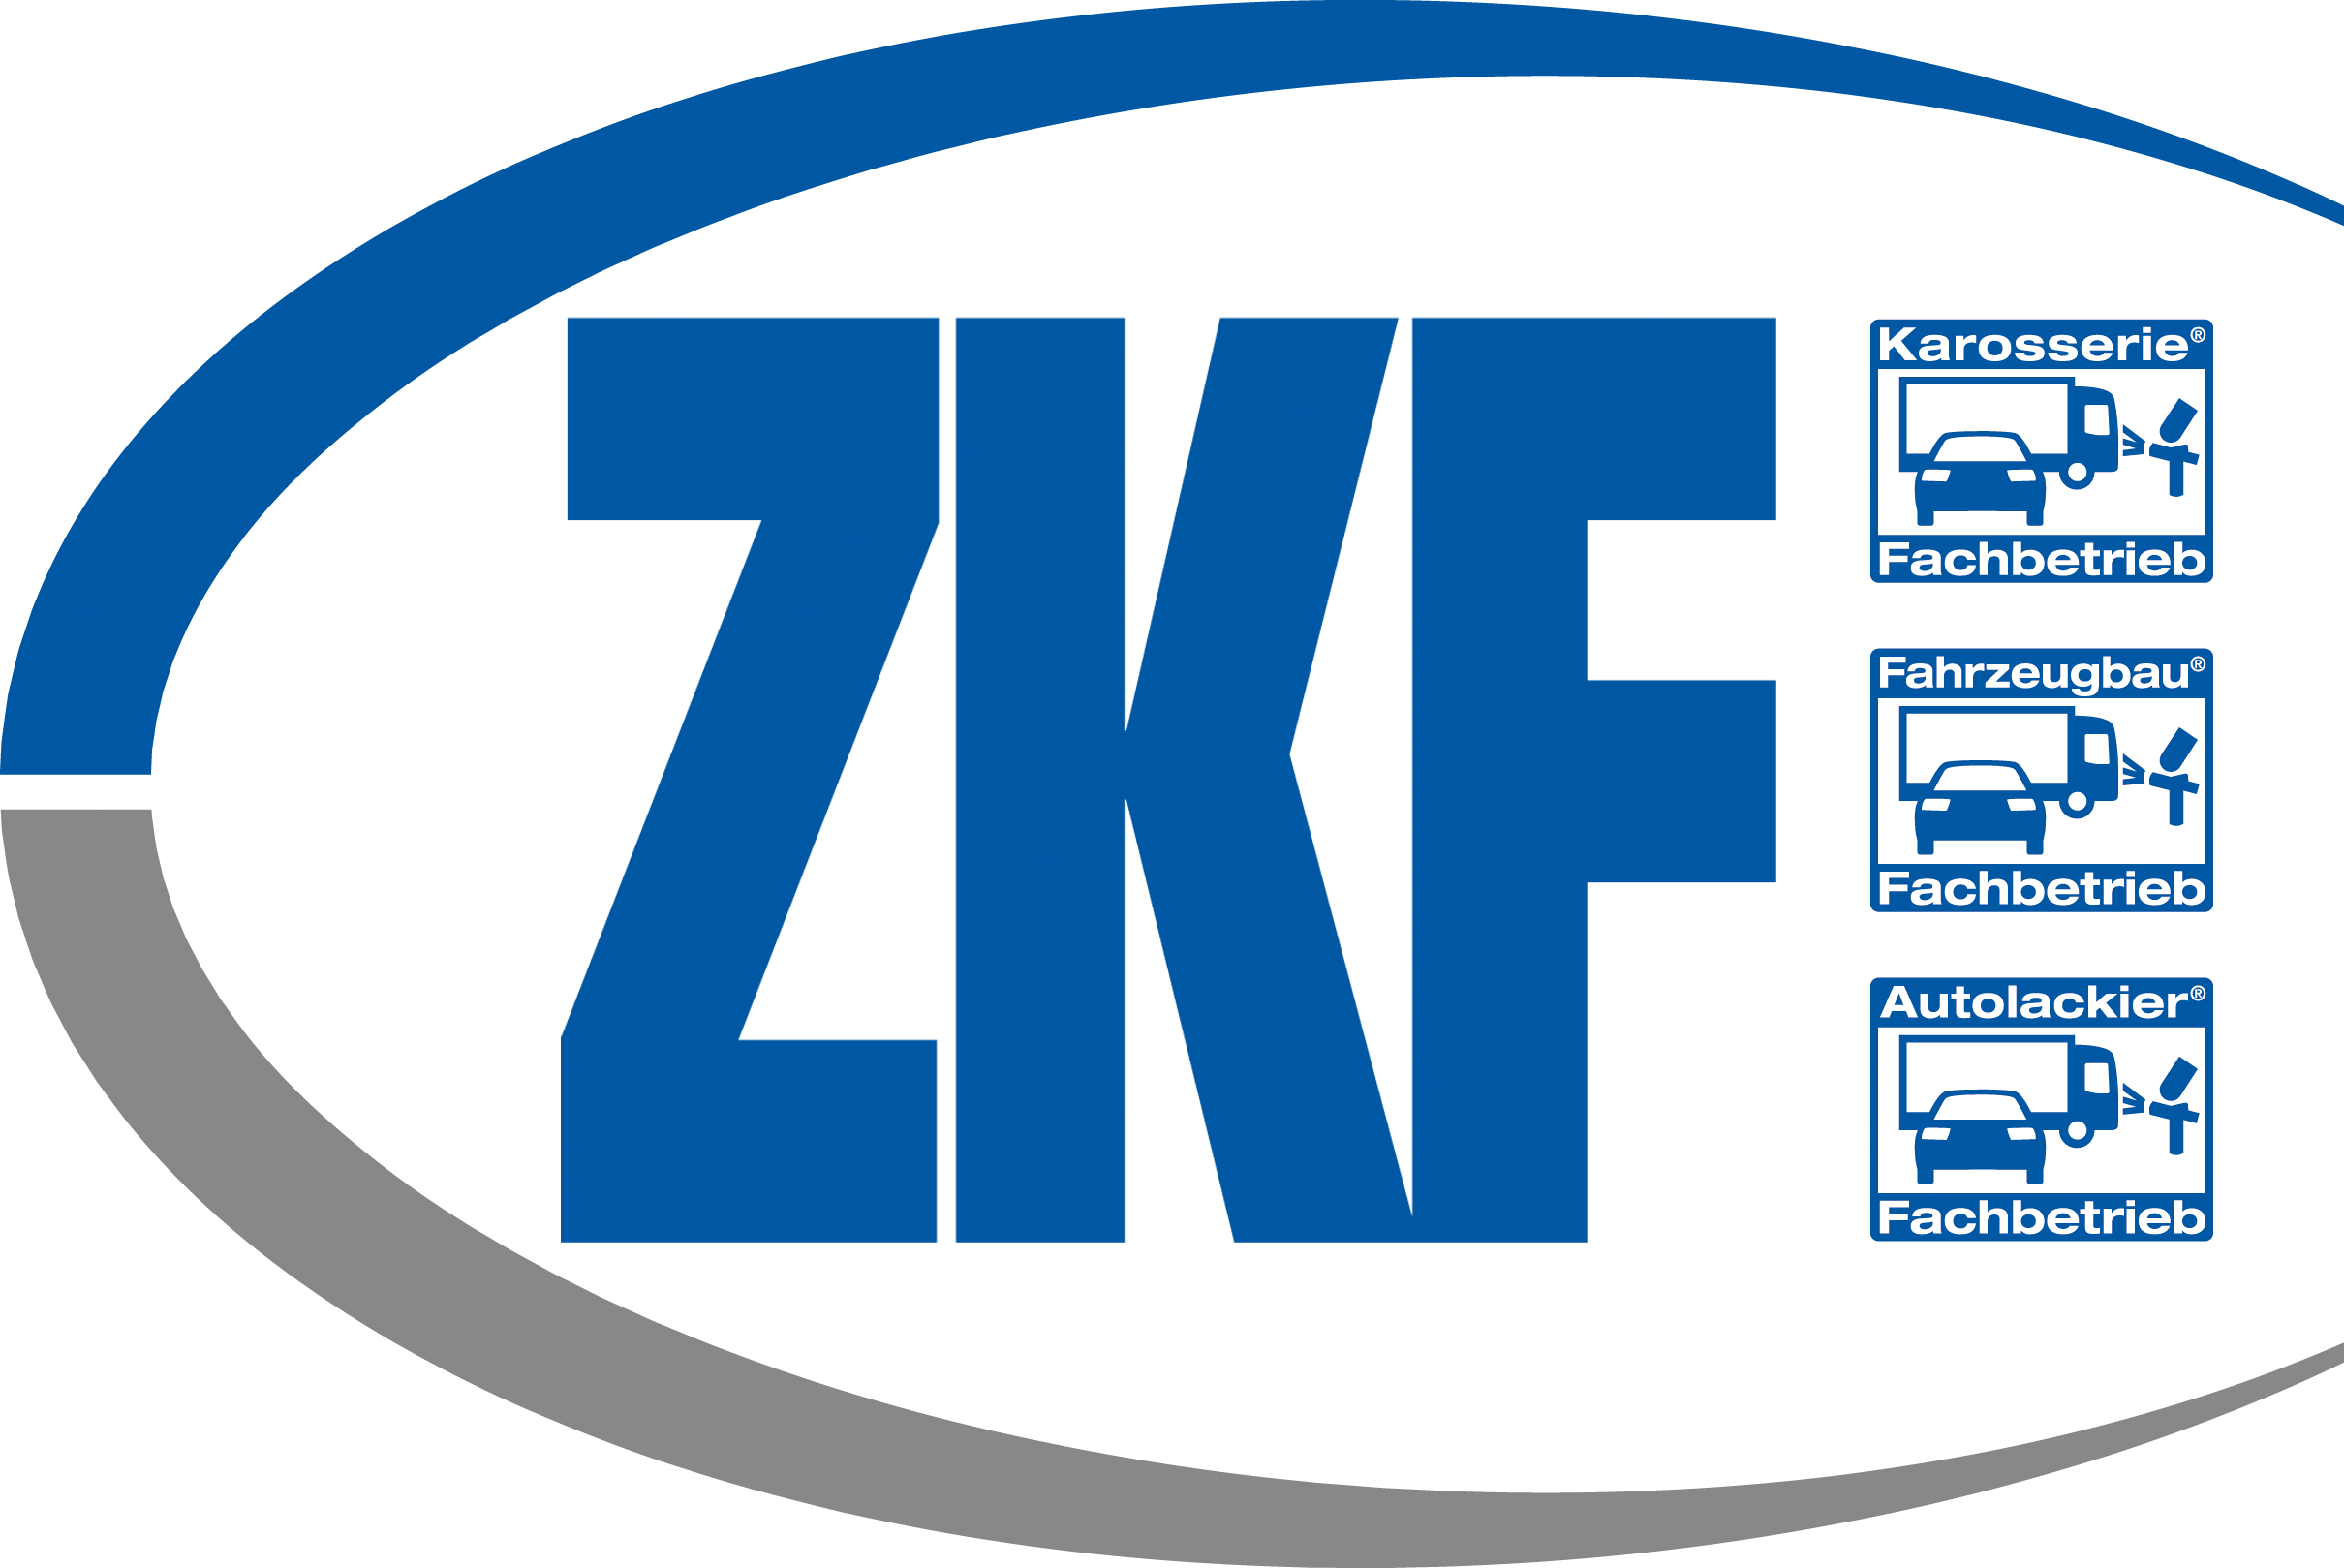 0115_15_logomodifikation_ZKF_final_oU_4c